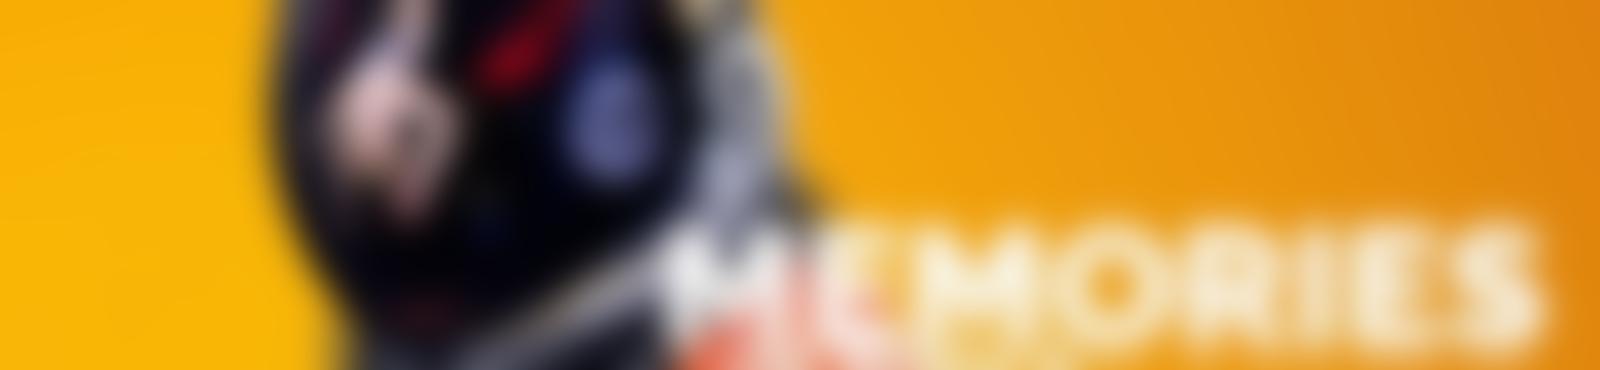 Blurred eb465137 b175 4105 835e b4f5e80e9c5b